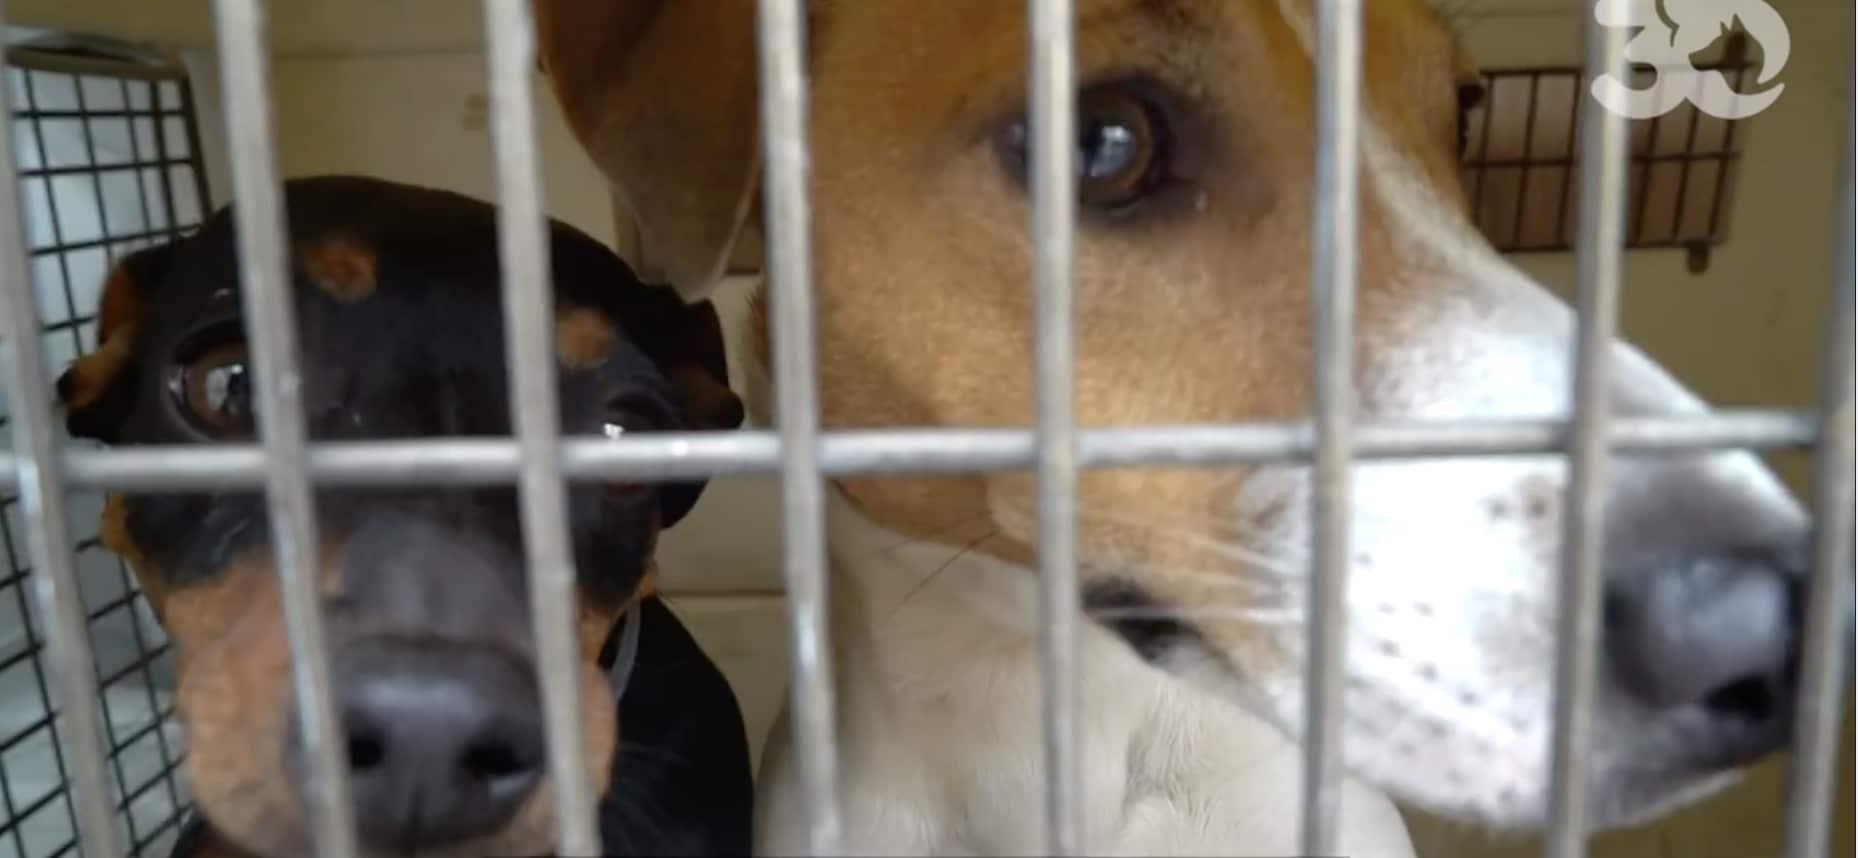 Chiens, chats, chinchillas, colombes… 50 animaux sauvés d'une maison ignoble dans l'Oise (vidéo) - Tribunal Du Net